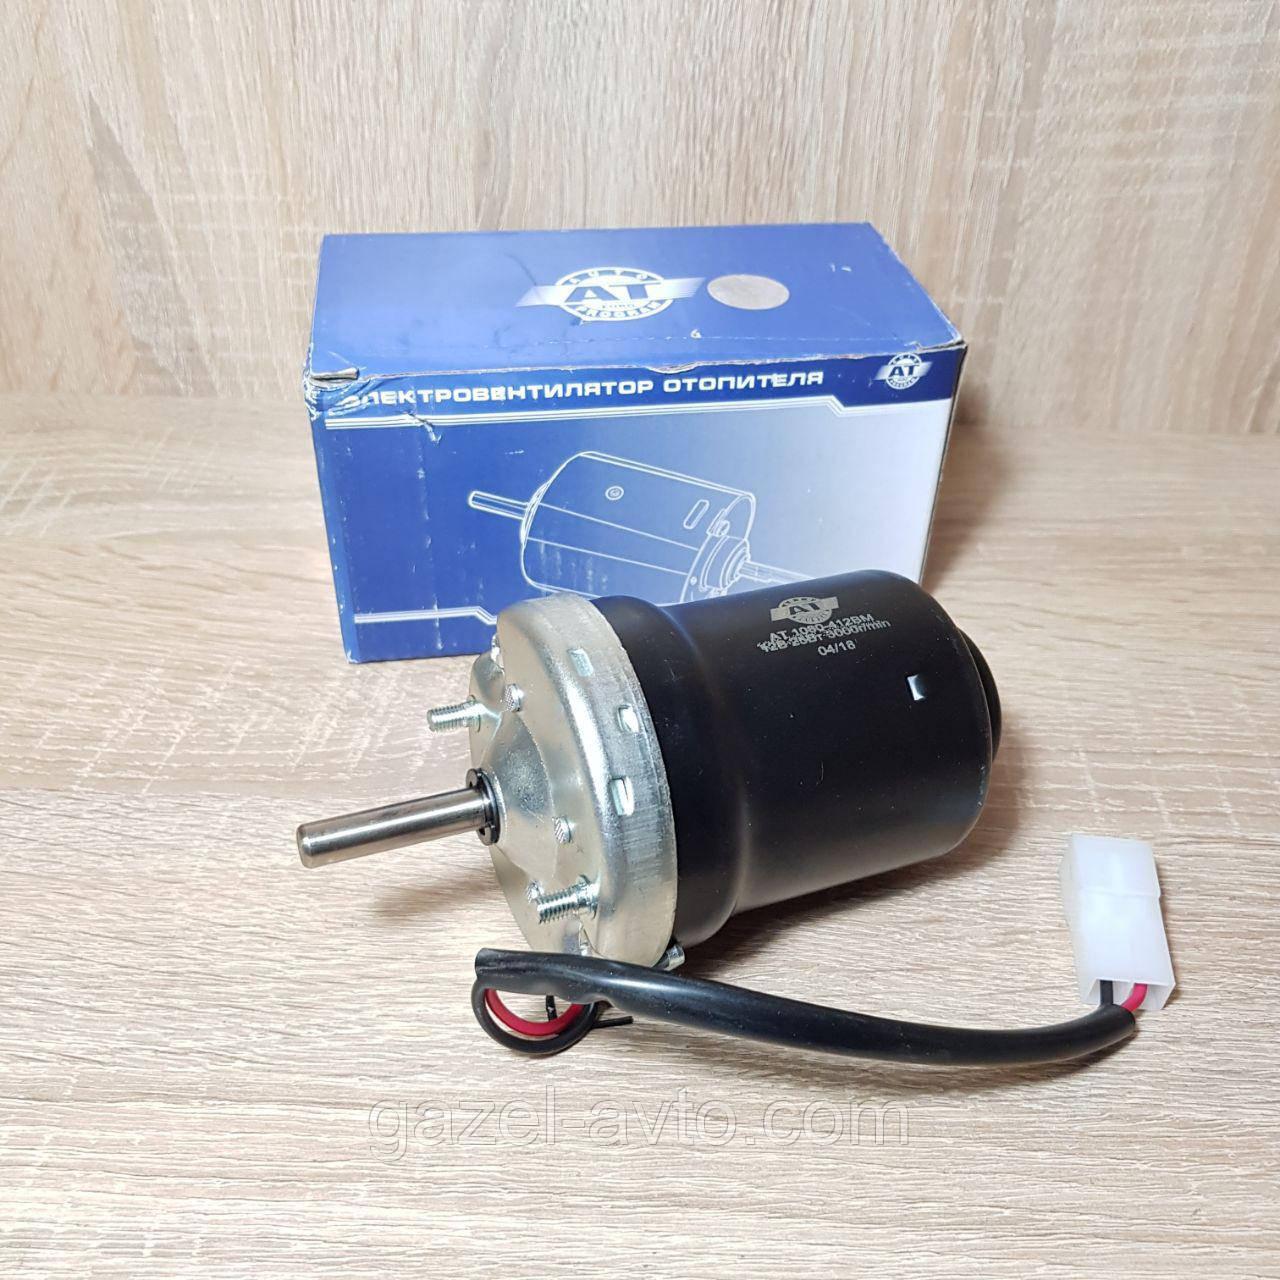 Электровентилятор отопителя (мотор печки) Москвич 412, УАЗ, ГАЗ-53 (МЭ-236) (пр-во АТ, Чехия)